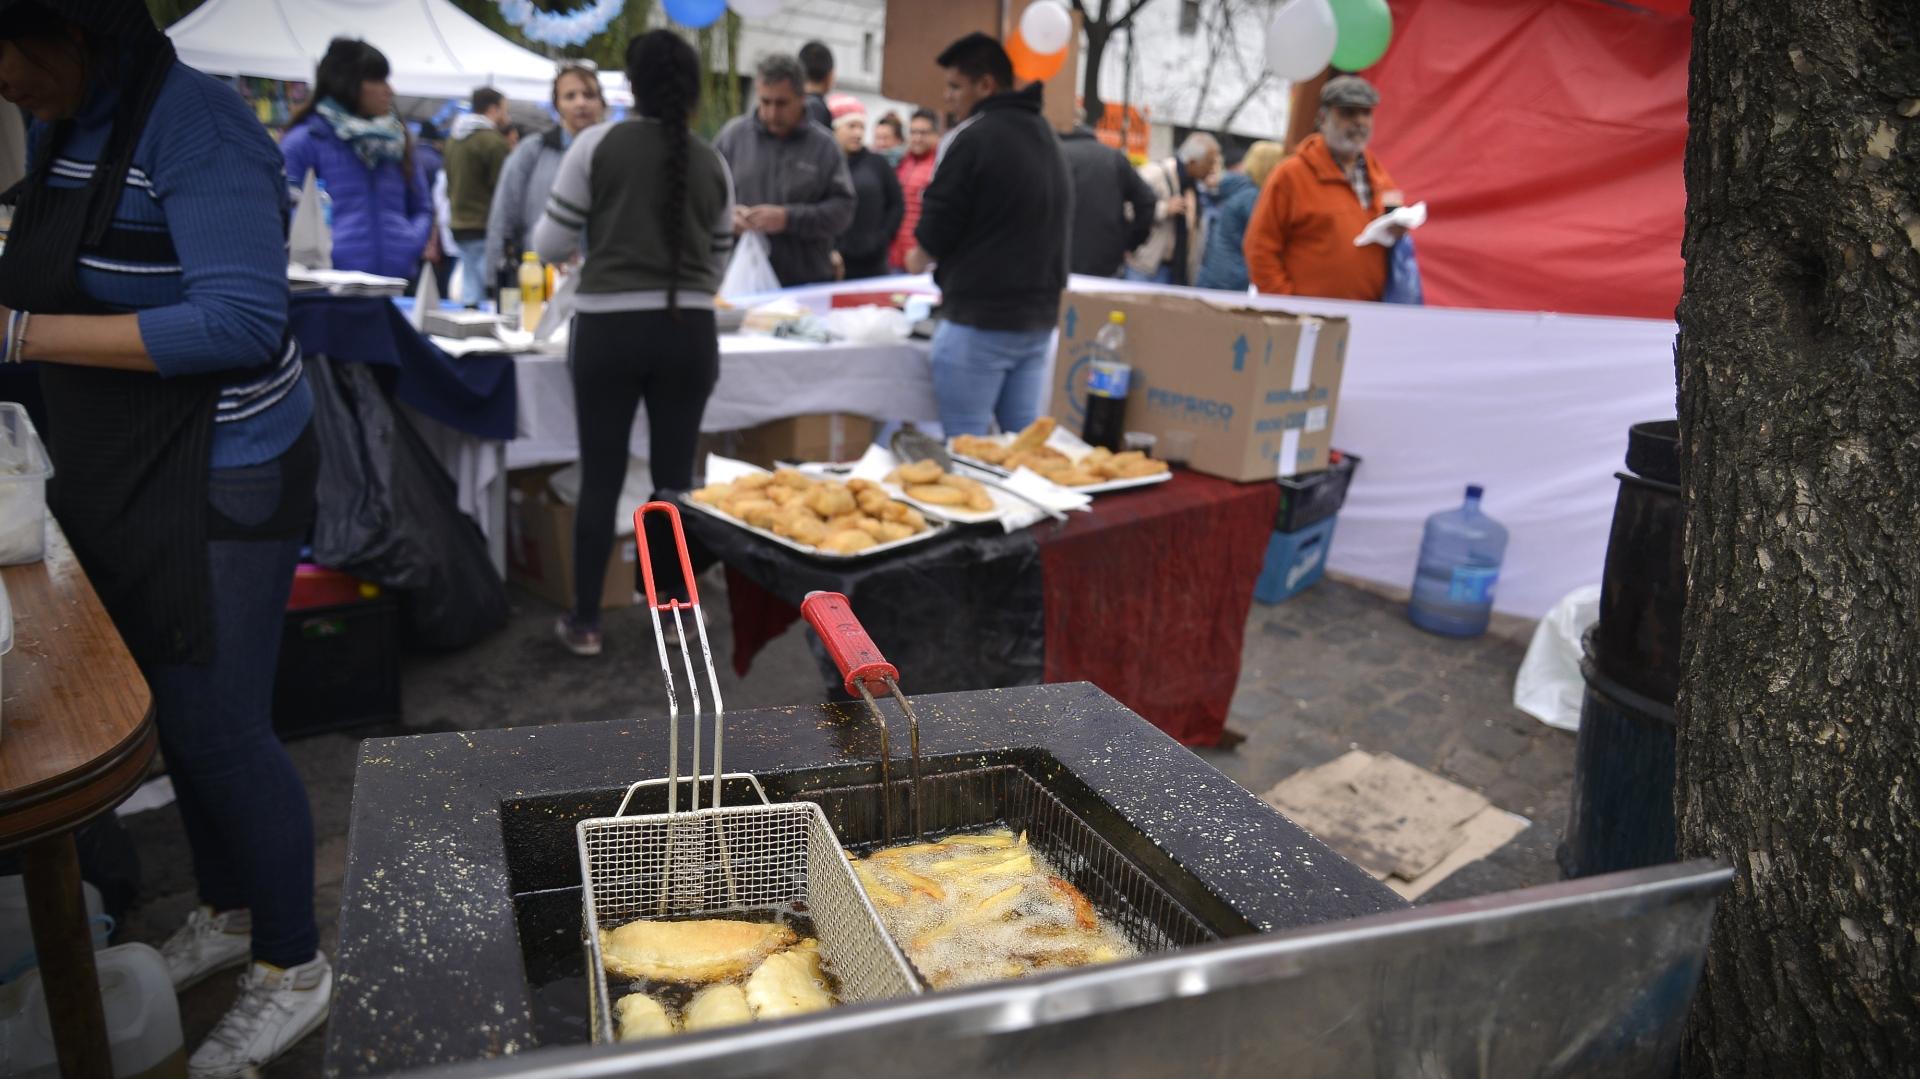 Empanadas y papas fritas en uno de los puestos de comida